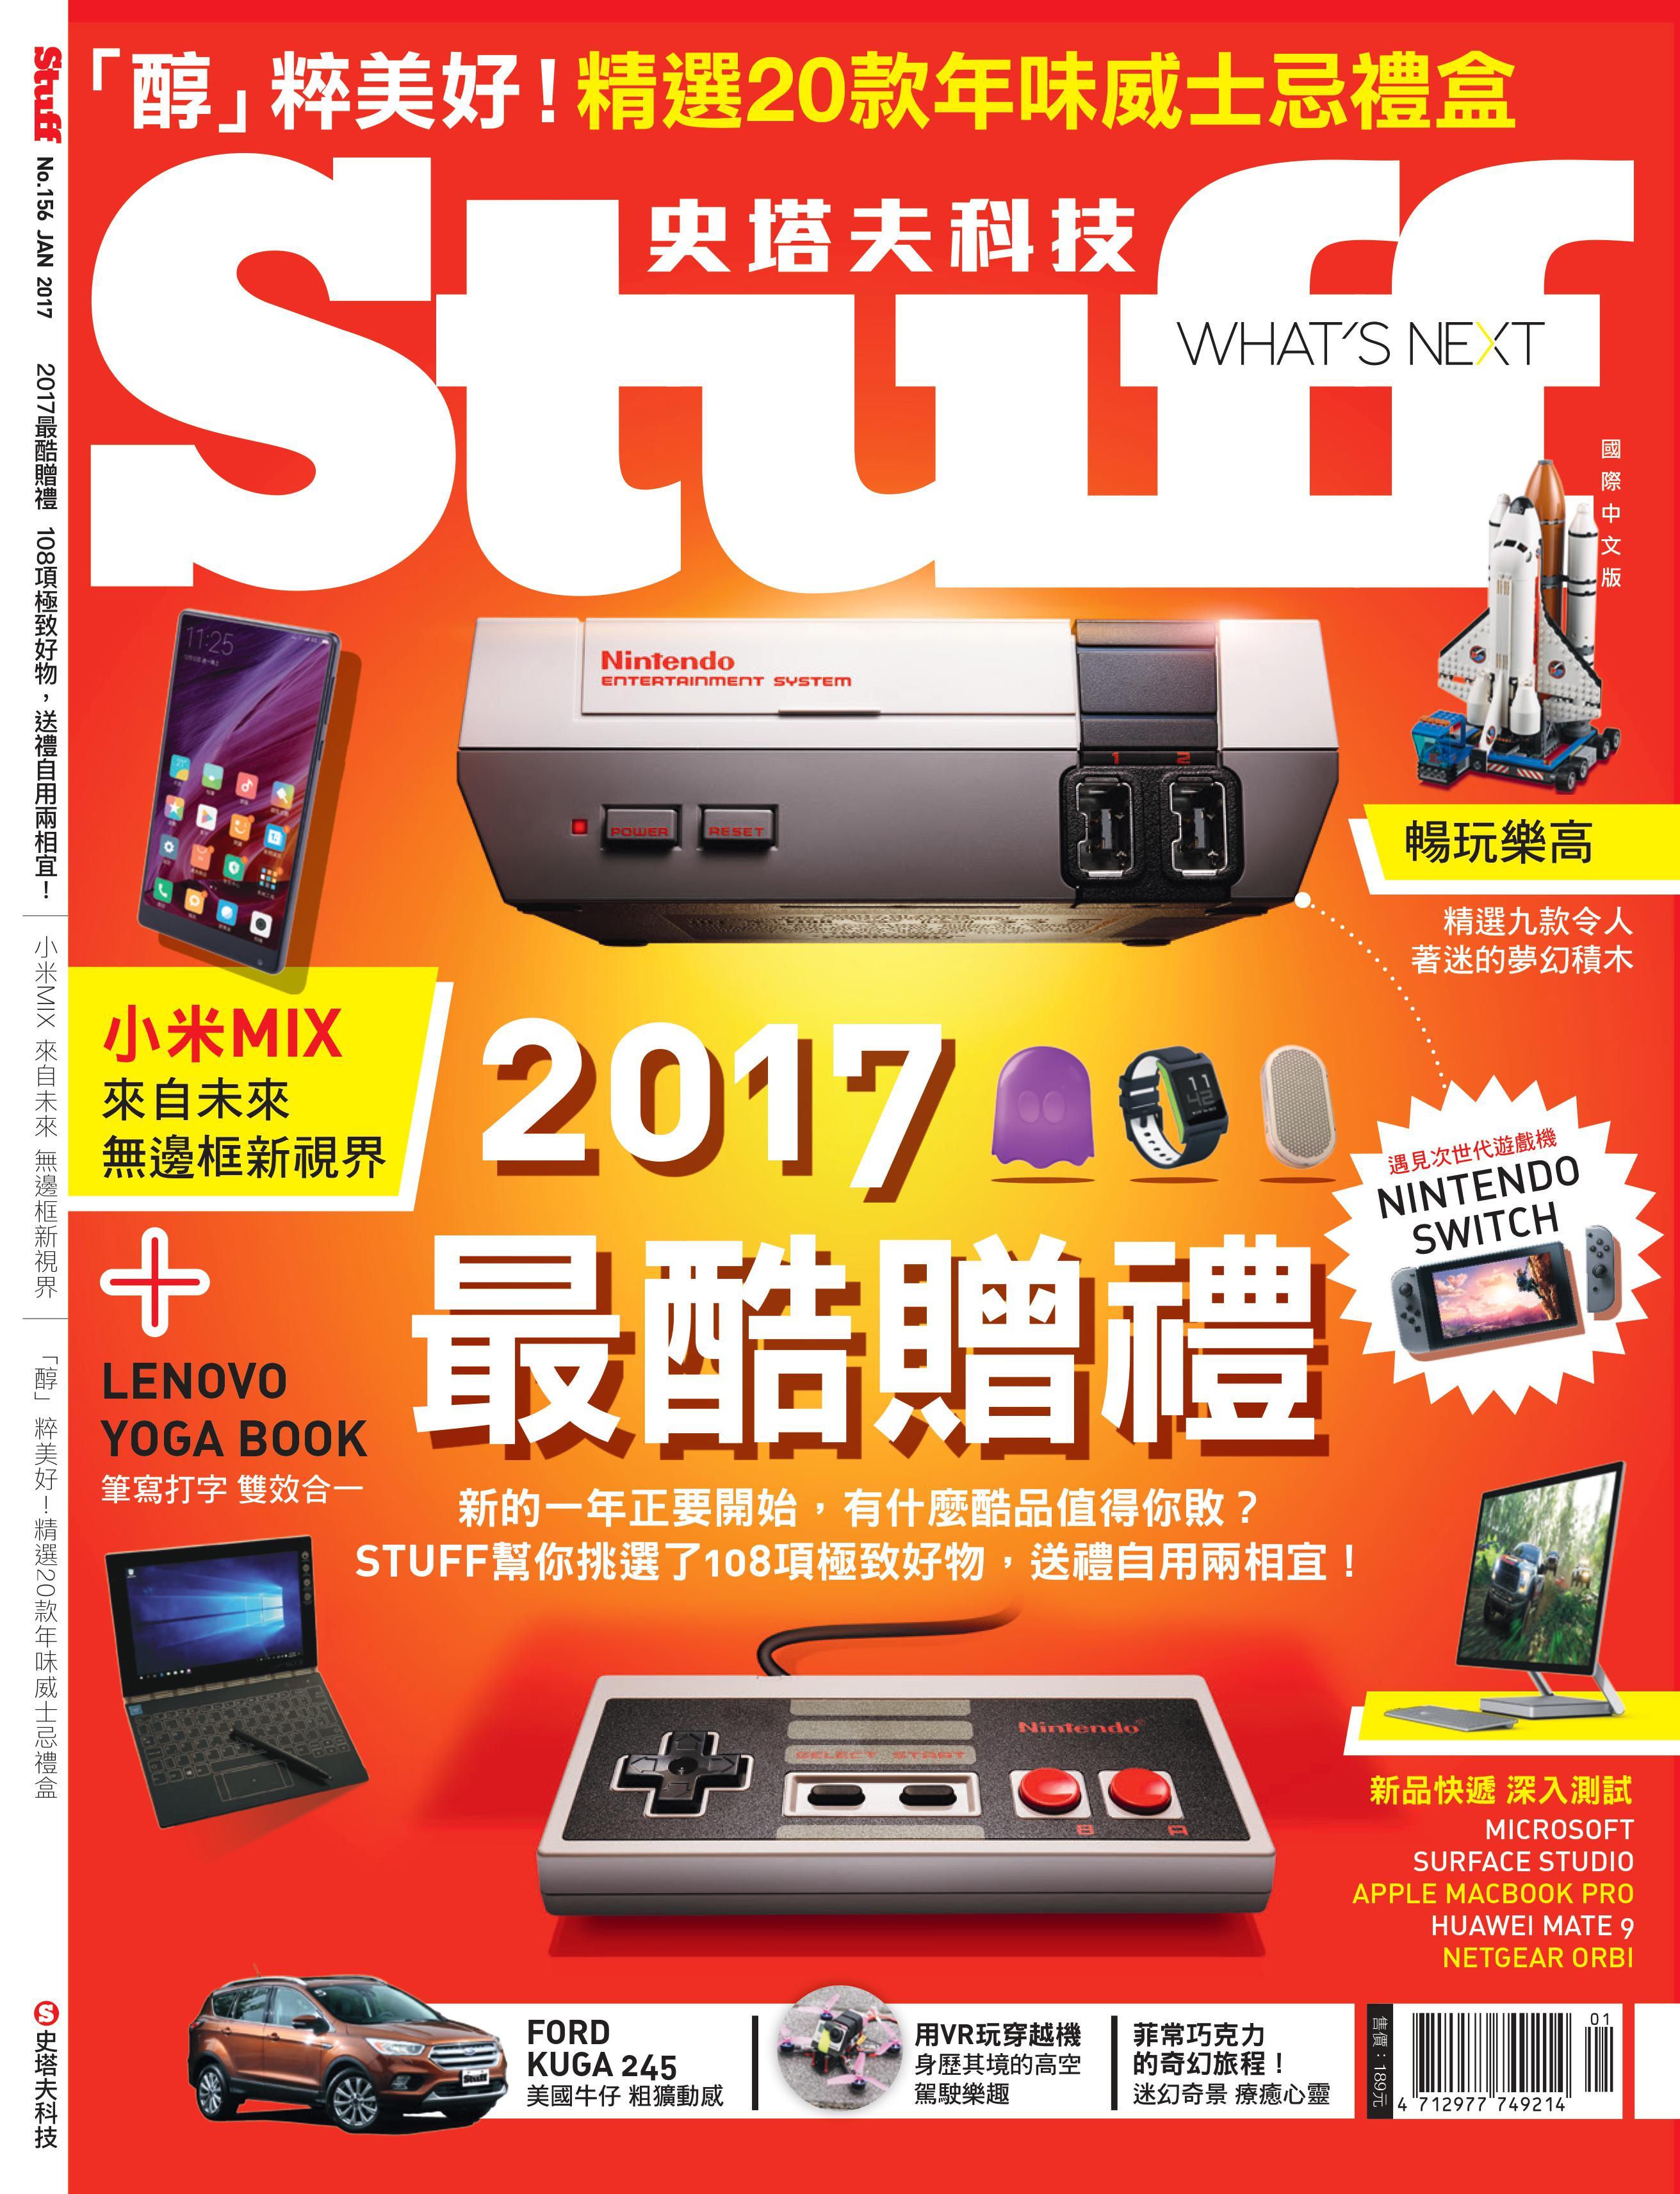 Stuff雜誌封面